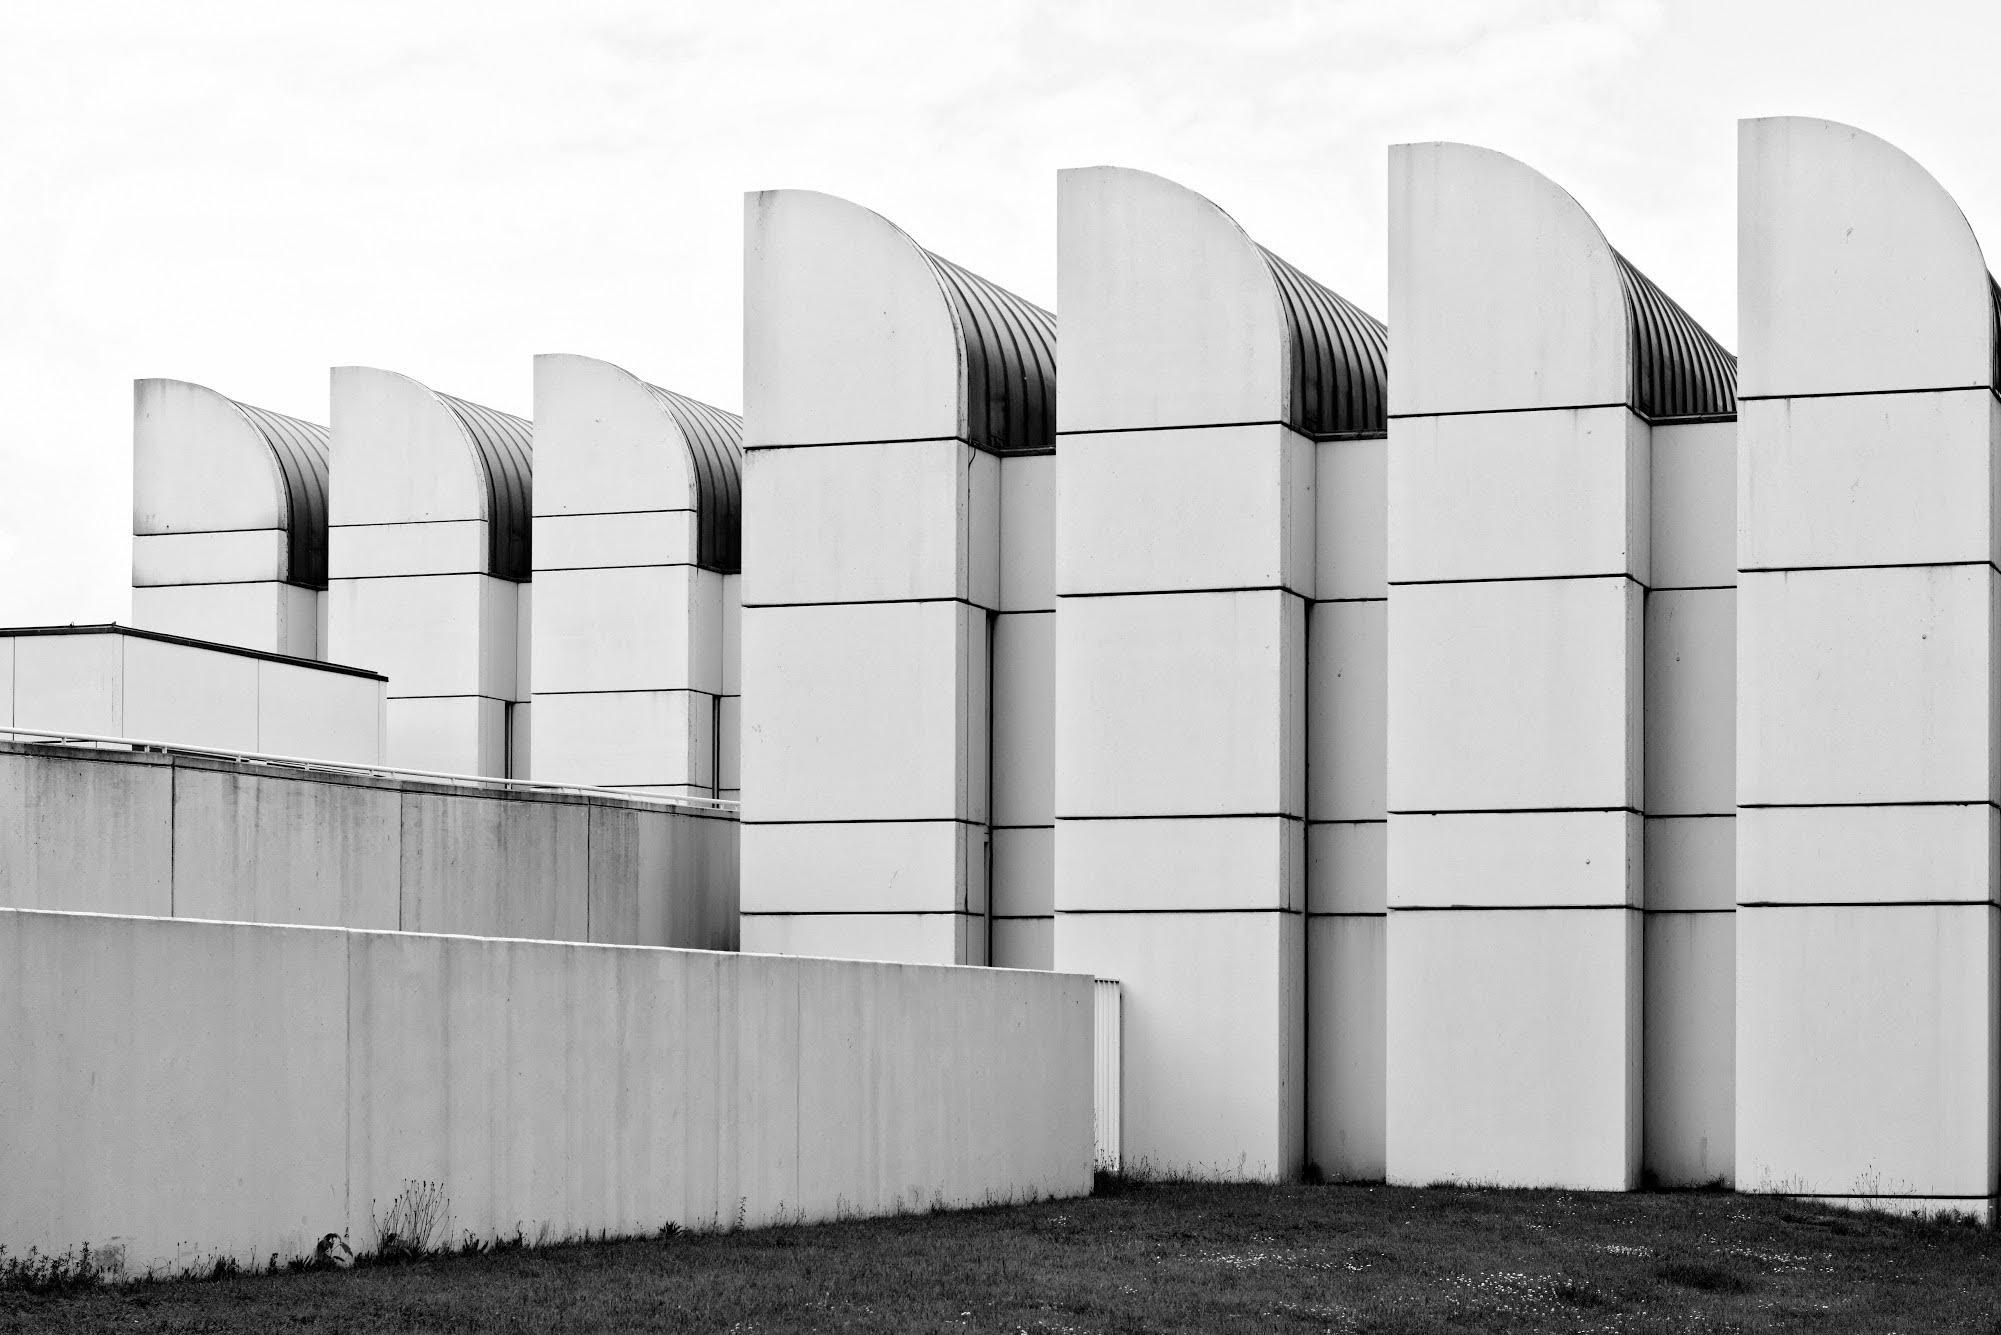 taidesuunnistus 27.-28.4.2018 - Hernesniemi photography näyttely / Modernism, better futureNäyttely jatkuu tiloissamme toistaiseksi